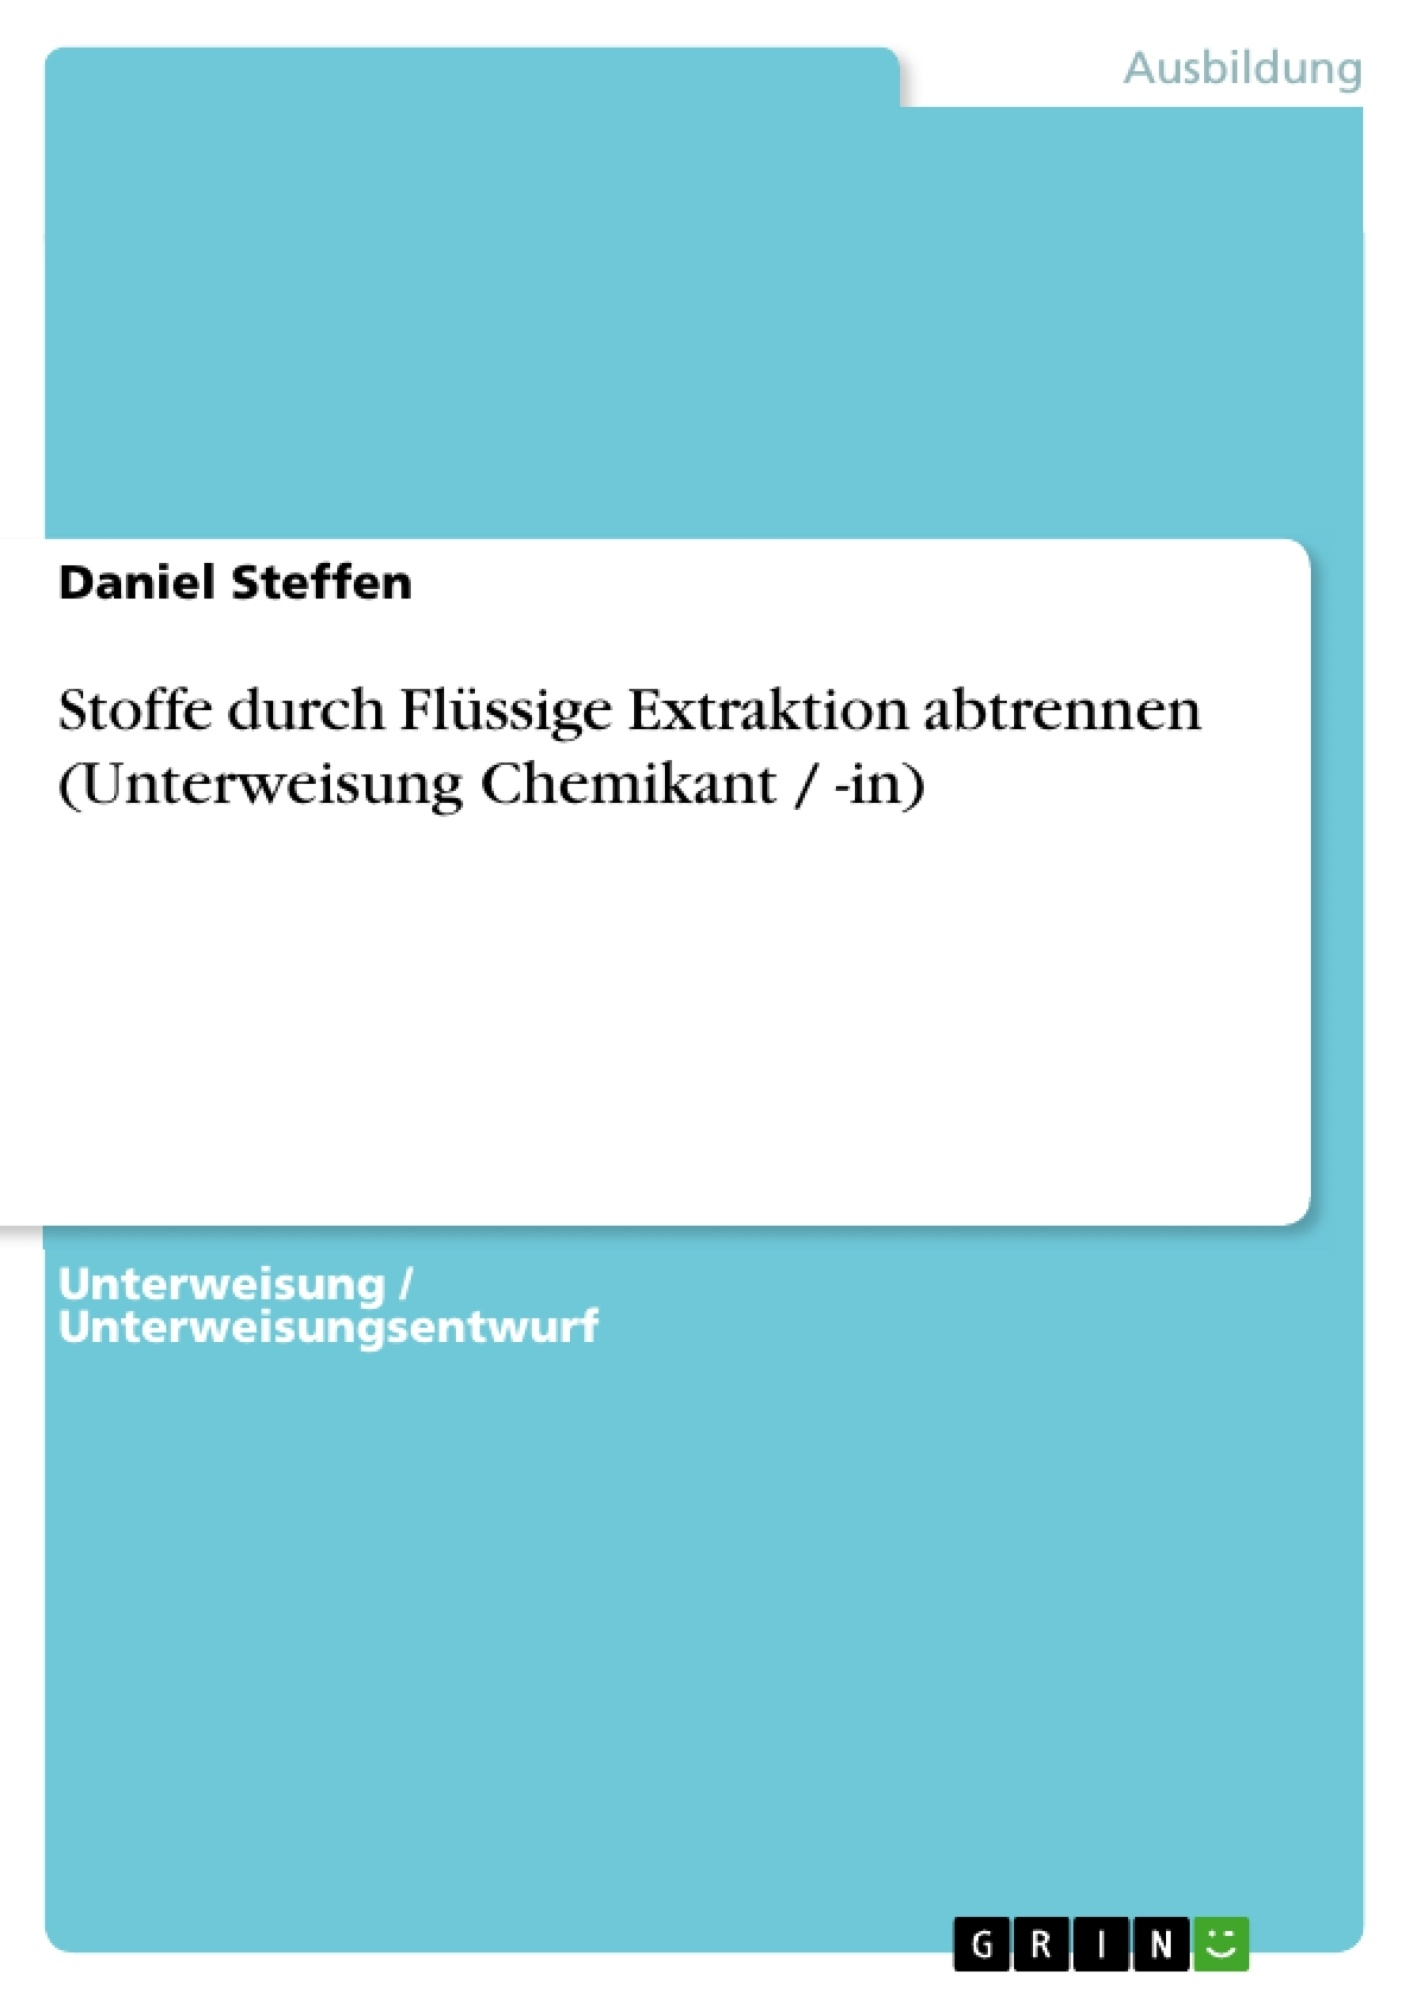 Titel: Stoffe durch Flüssige Extraktion abtrennen (Unterweisung Chemikant / -in)